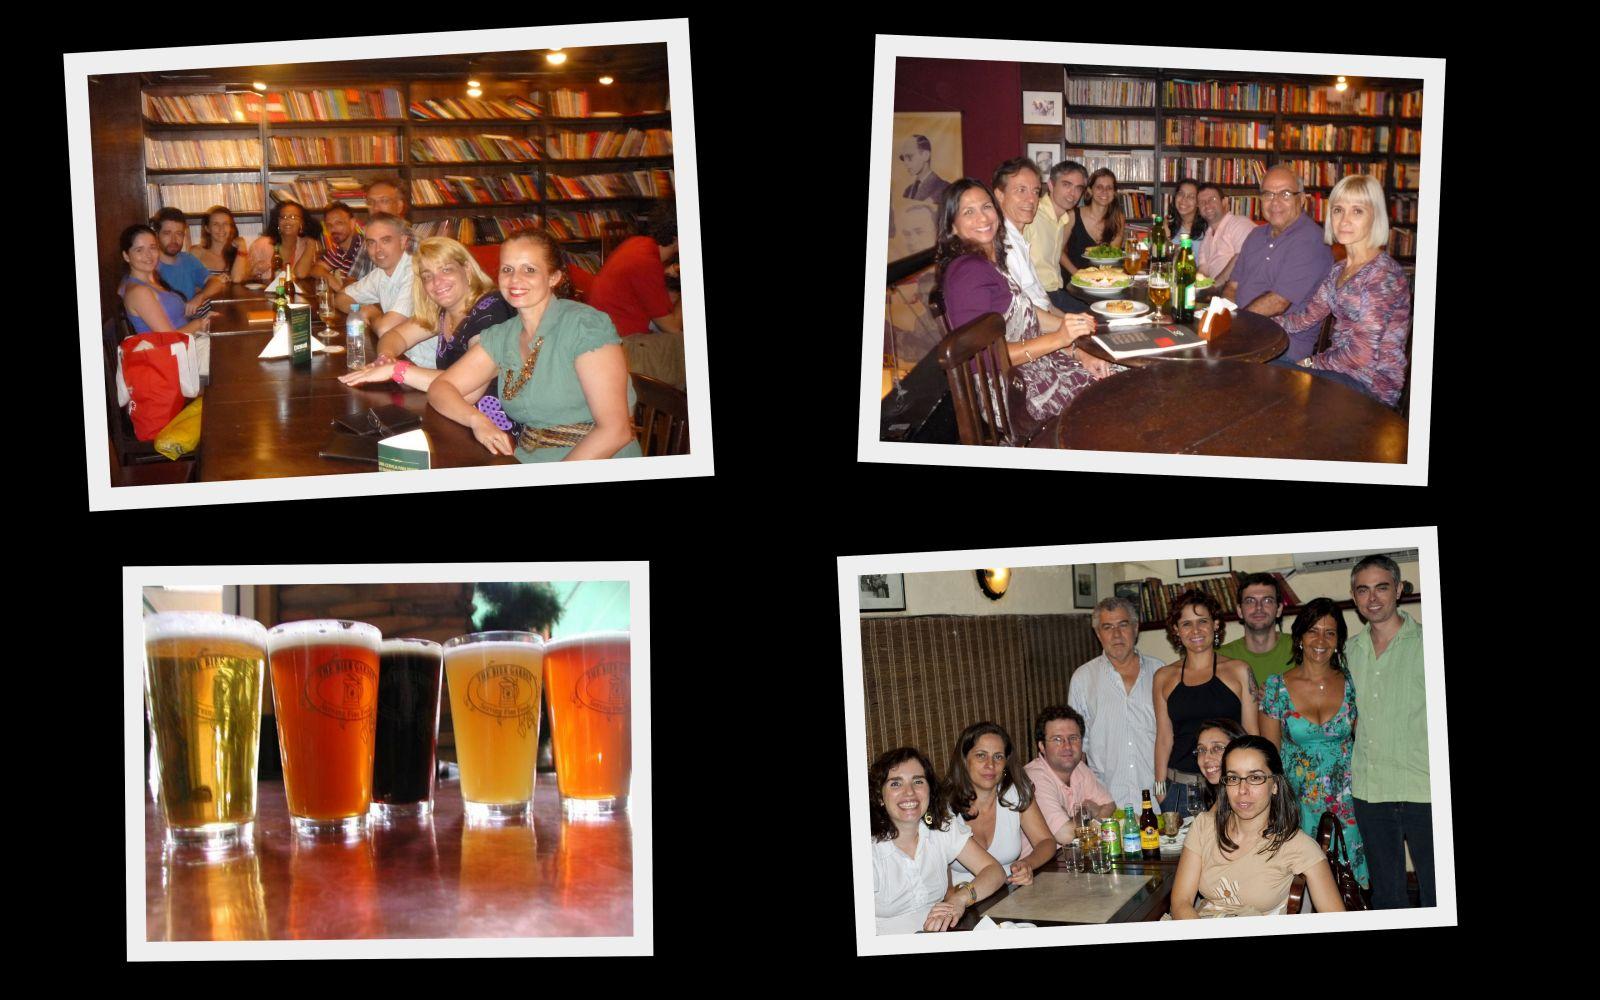 Chopes presenciais com ex-alunos e amigos na Livraria Prefácio, Rio de Janeiro.